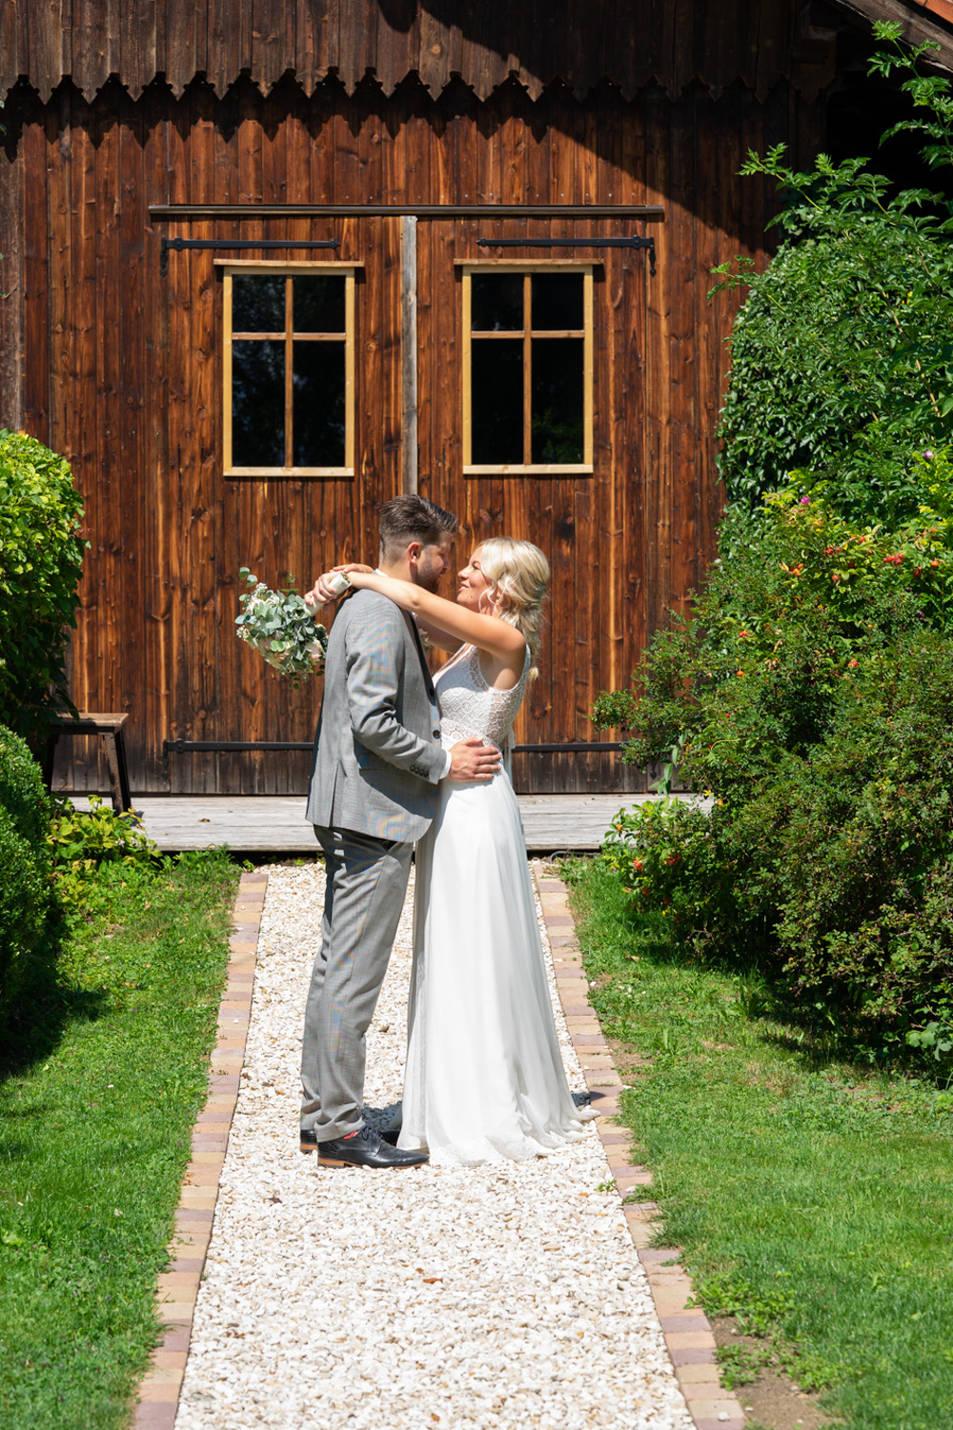 294-Schaden_Hochzeit_04.08.2018.jpg